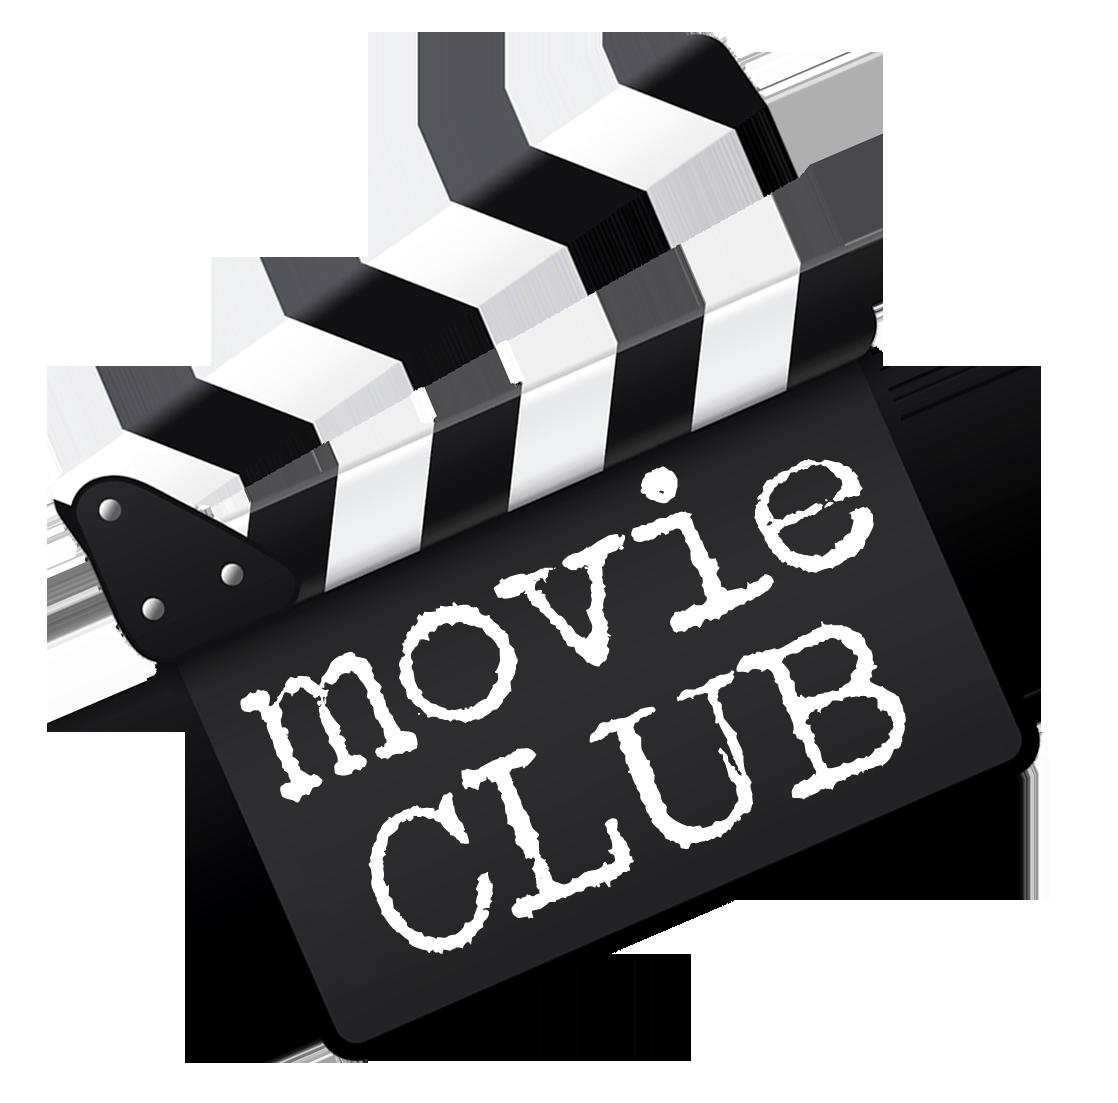 Film Club Hd